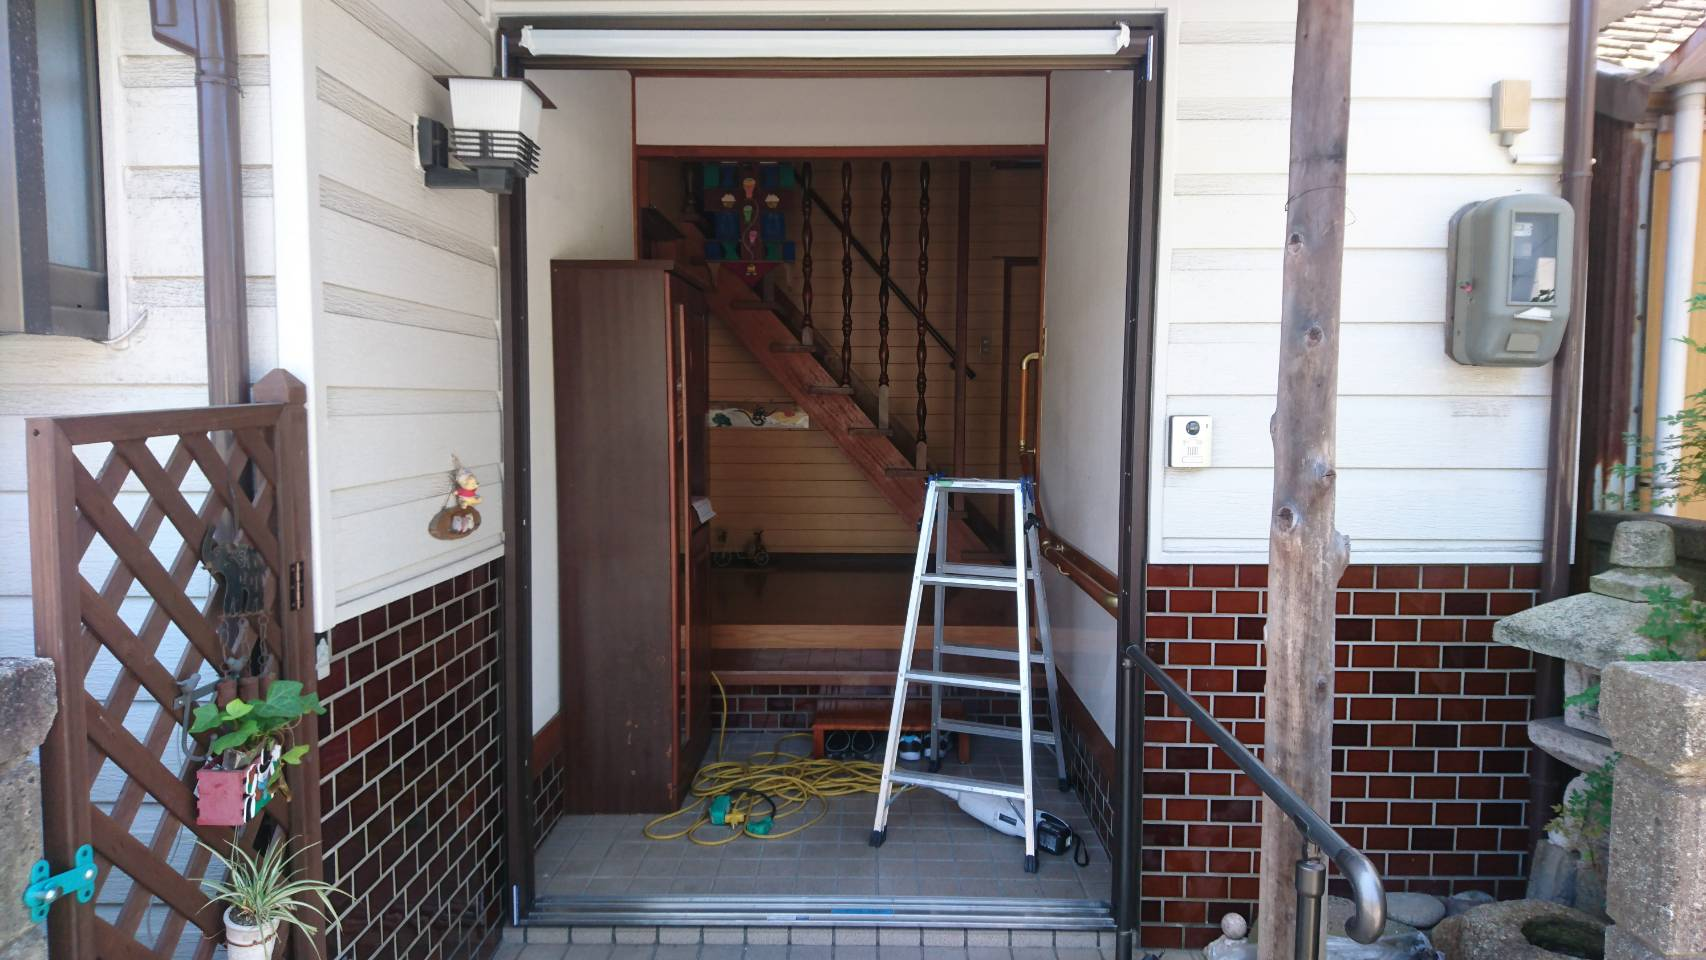 シーエス建材トーヨー住器の岡山市 玄関引戸 交換工事の施工前の写真2